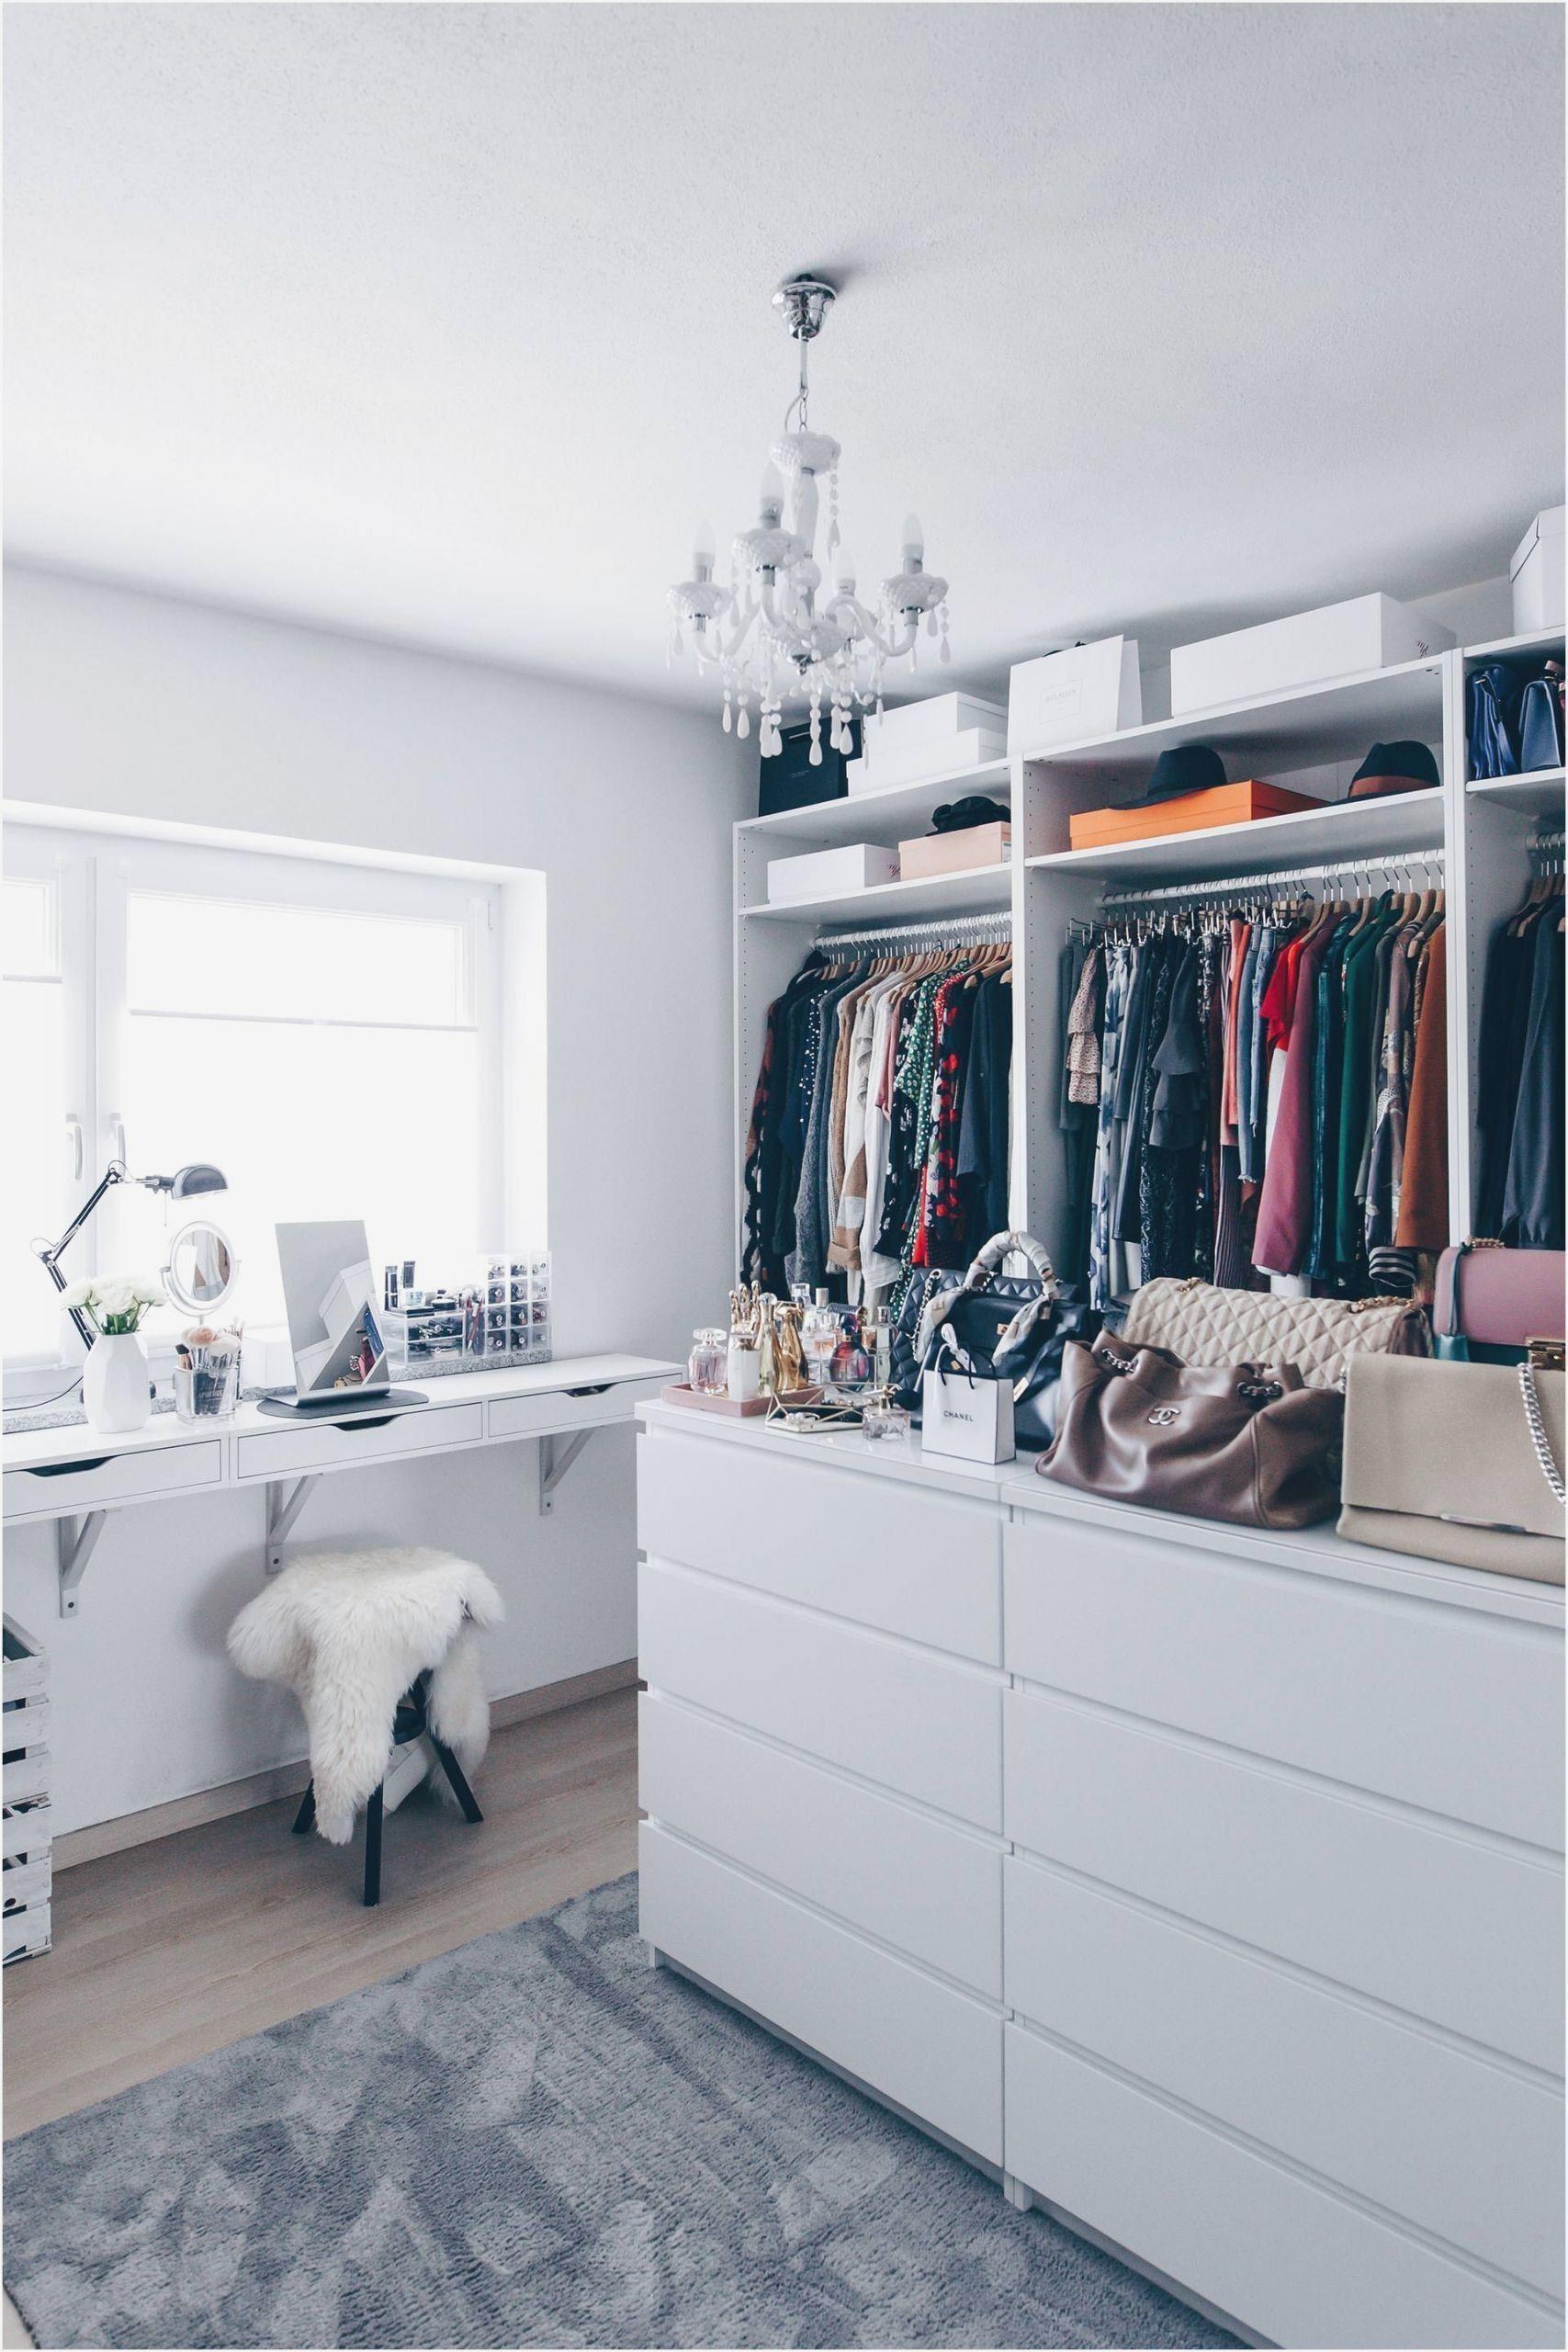 Ankleidezimmer Ideen Kleines Ikea Kleiderschrank Fur Kleines Zimmer In 2020 Ankleide Zimmer Ankleidezimmer Planen Ankleidezimmer